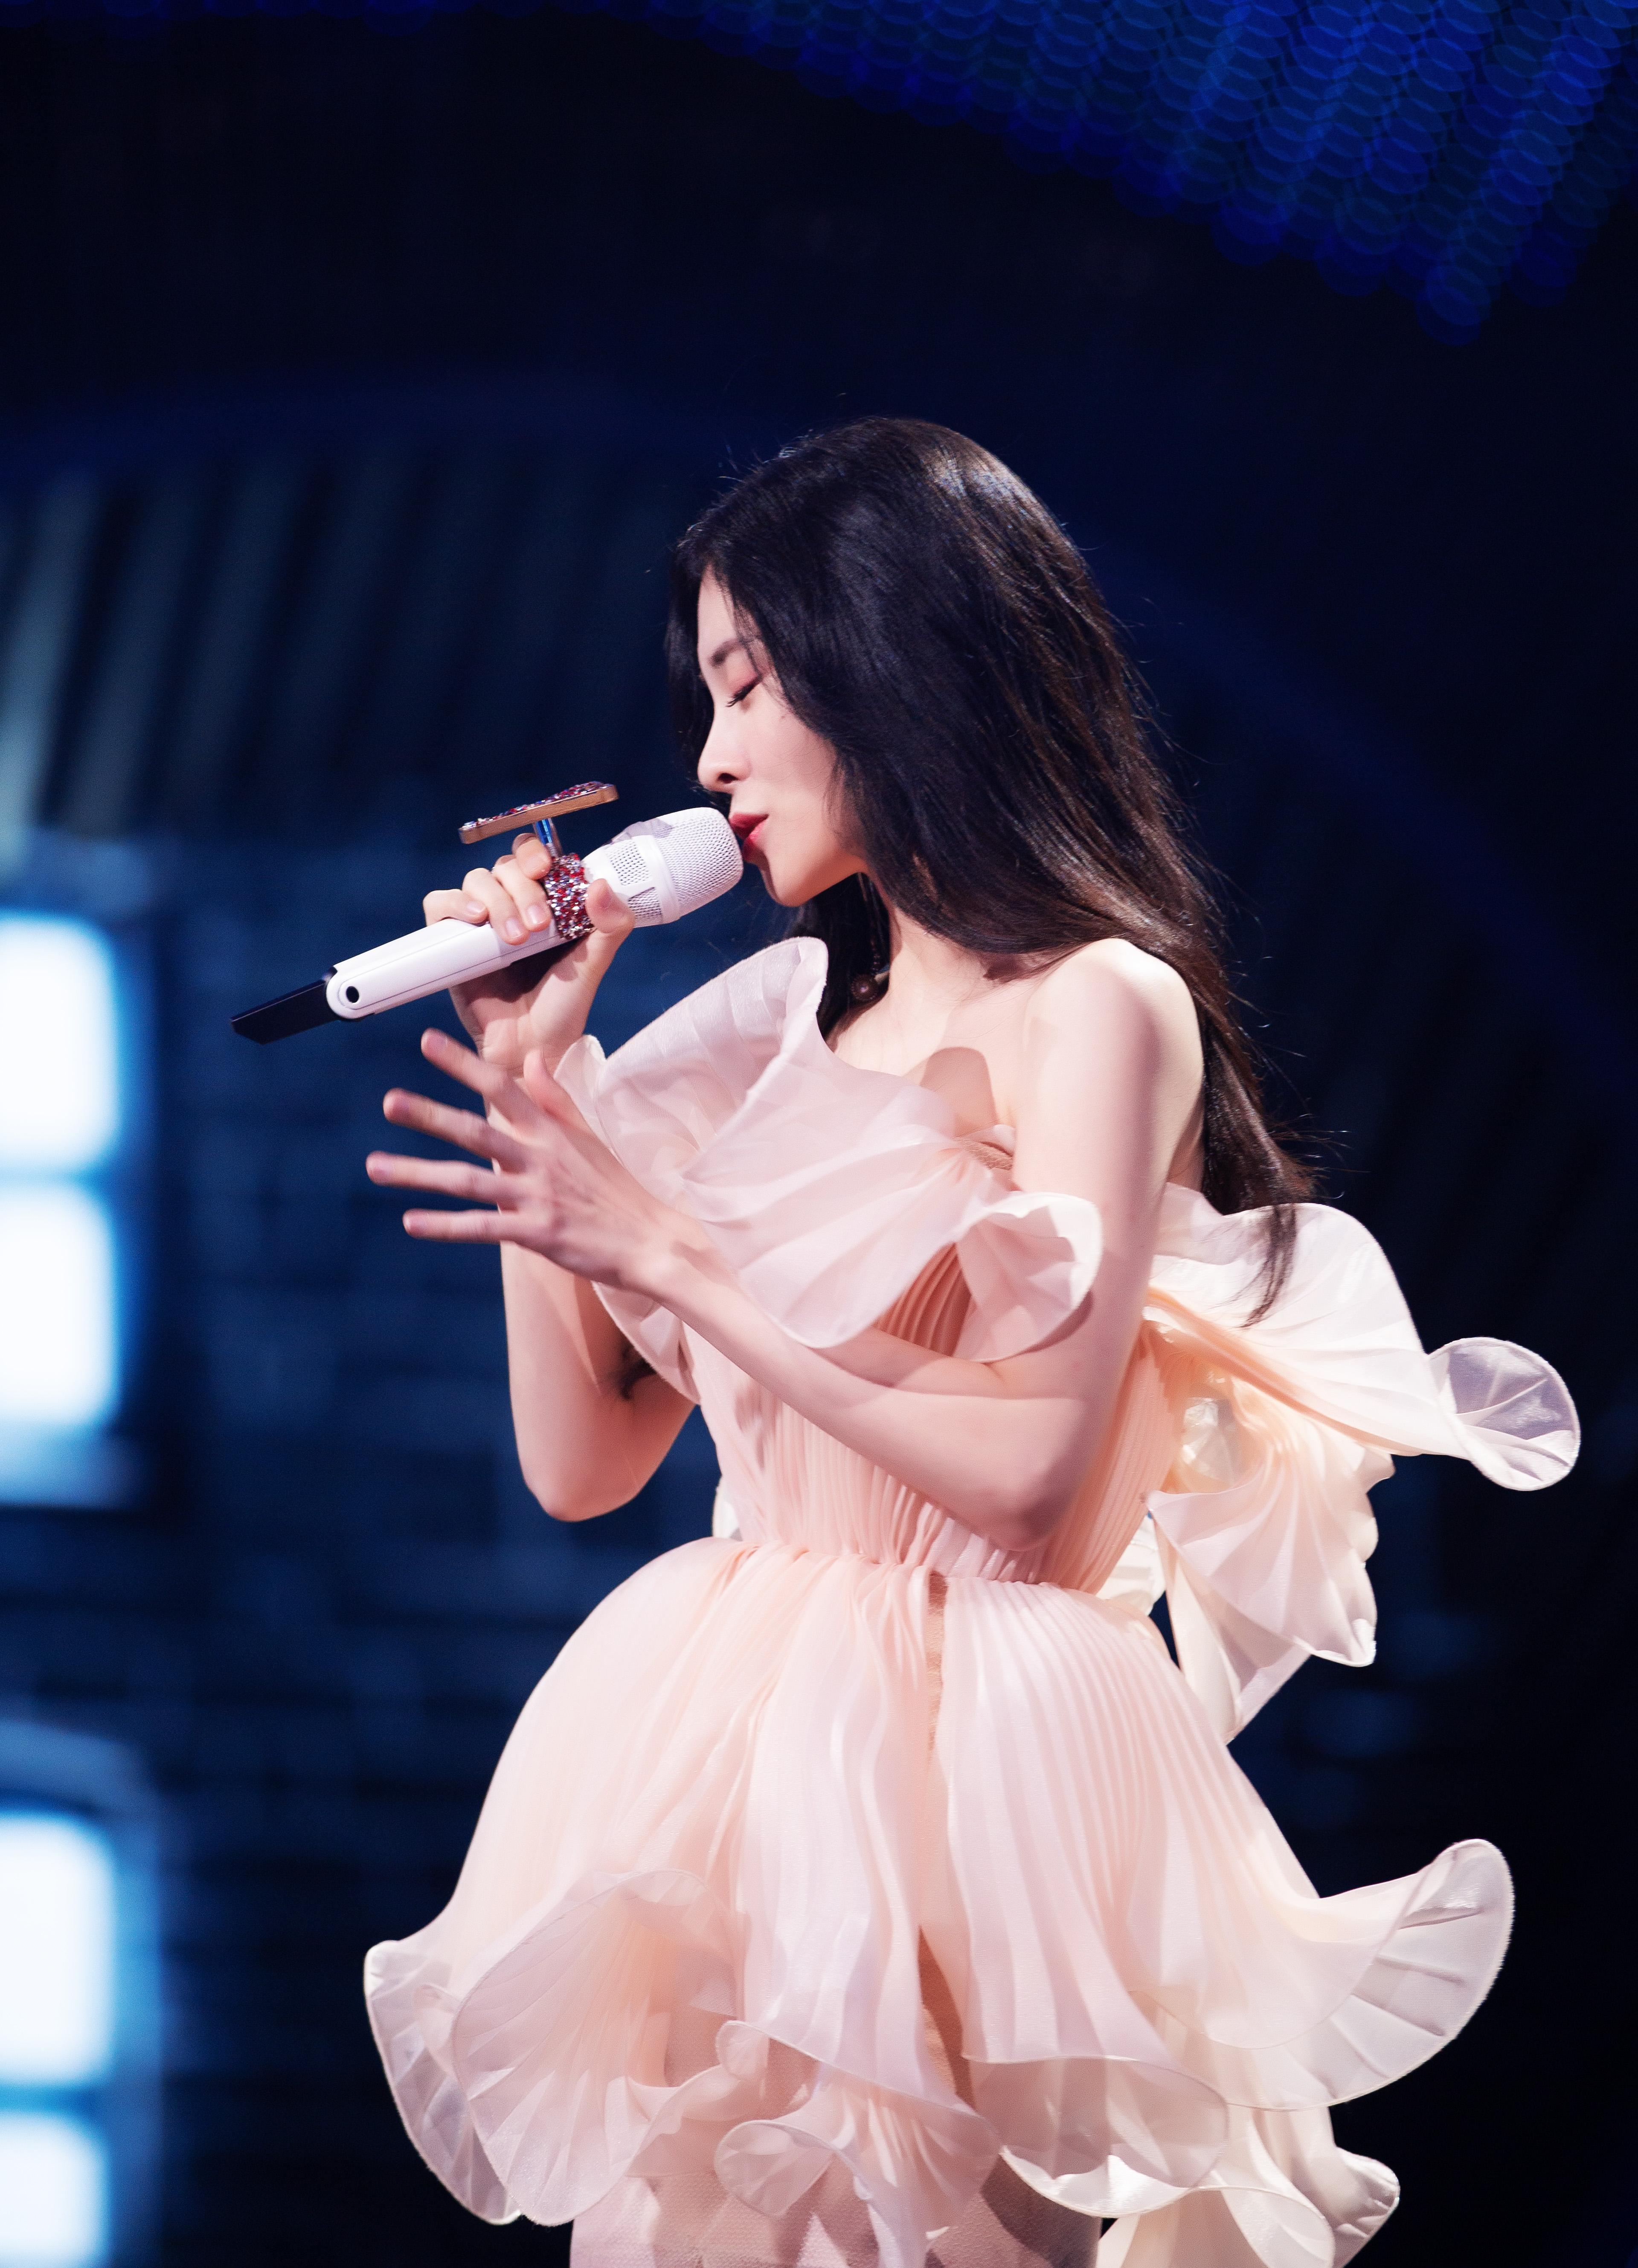 张碧晨《我们的歌》与黄绮珊联手演唱感人之作